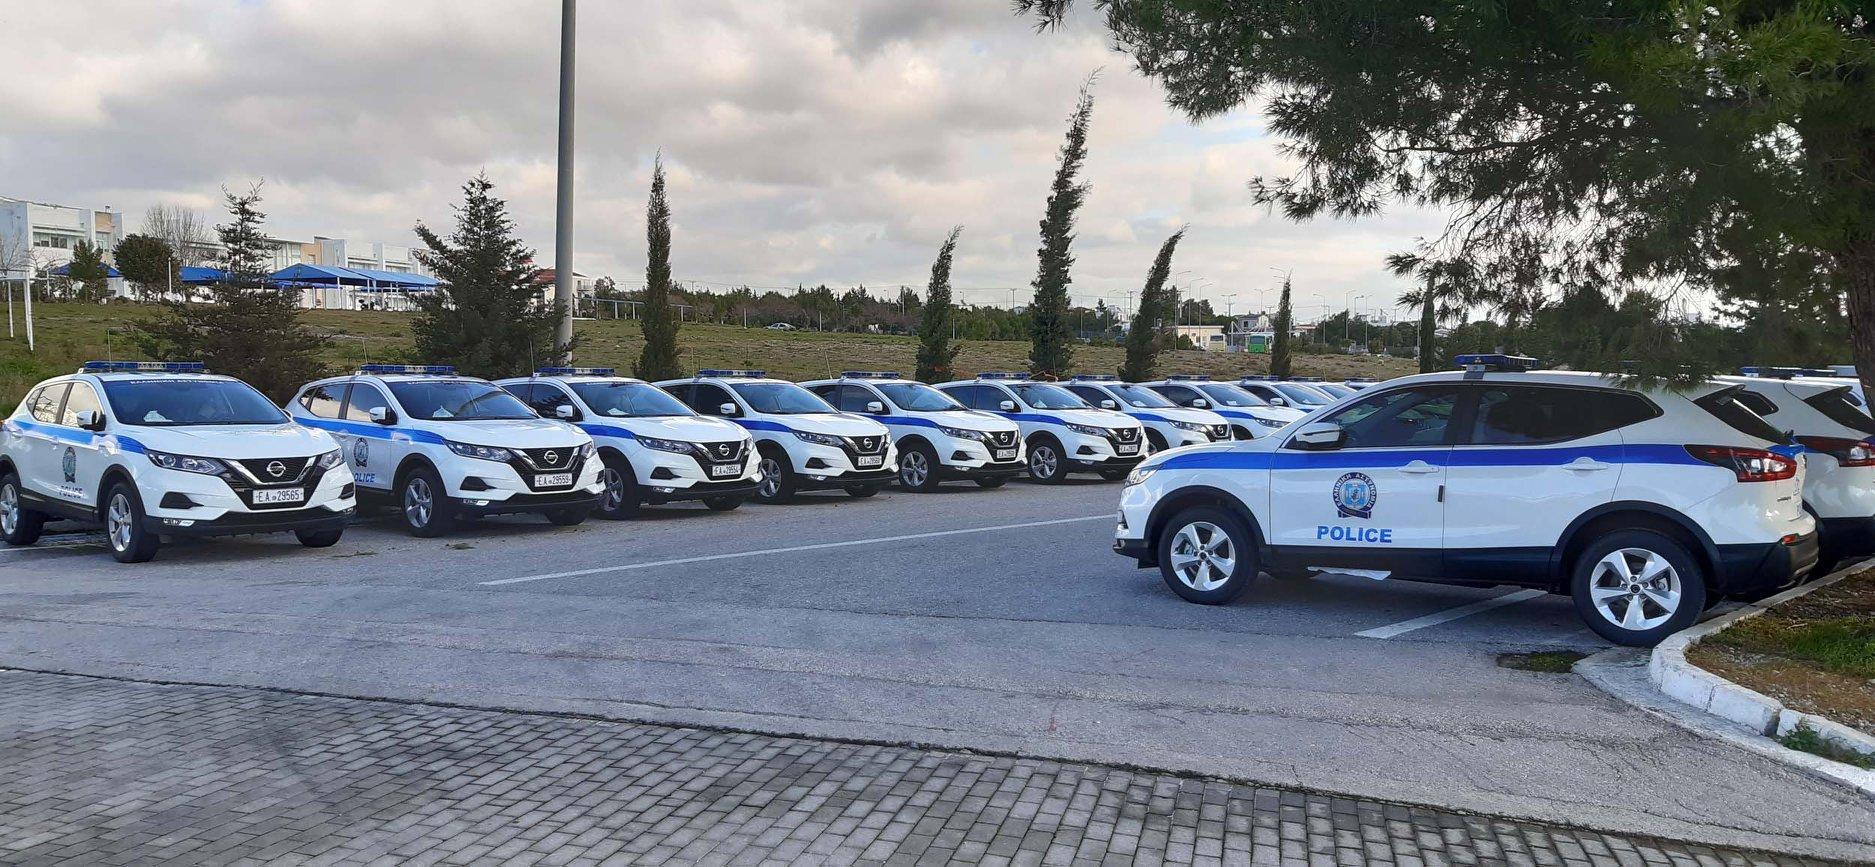 Nissan-Qashqai-greek-police-2